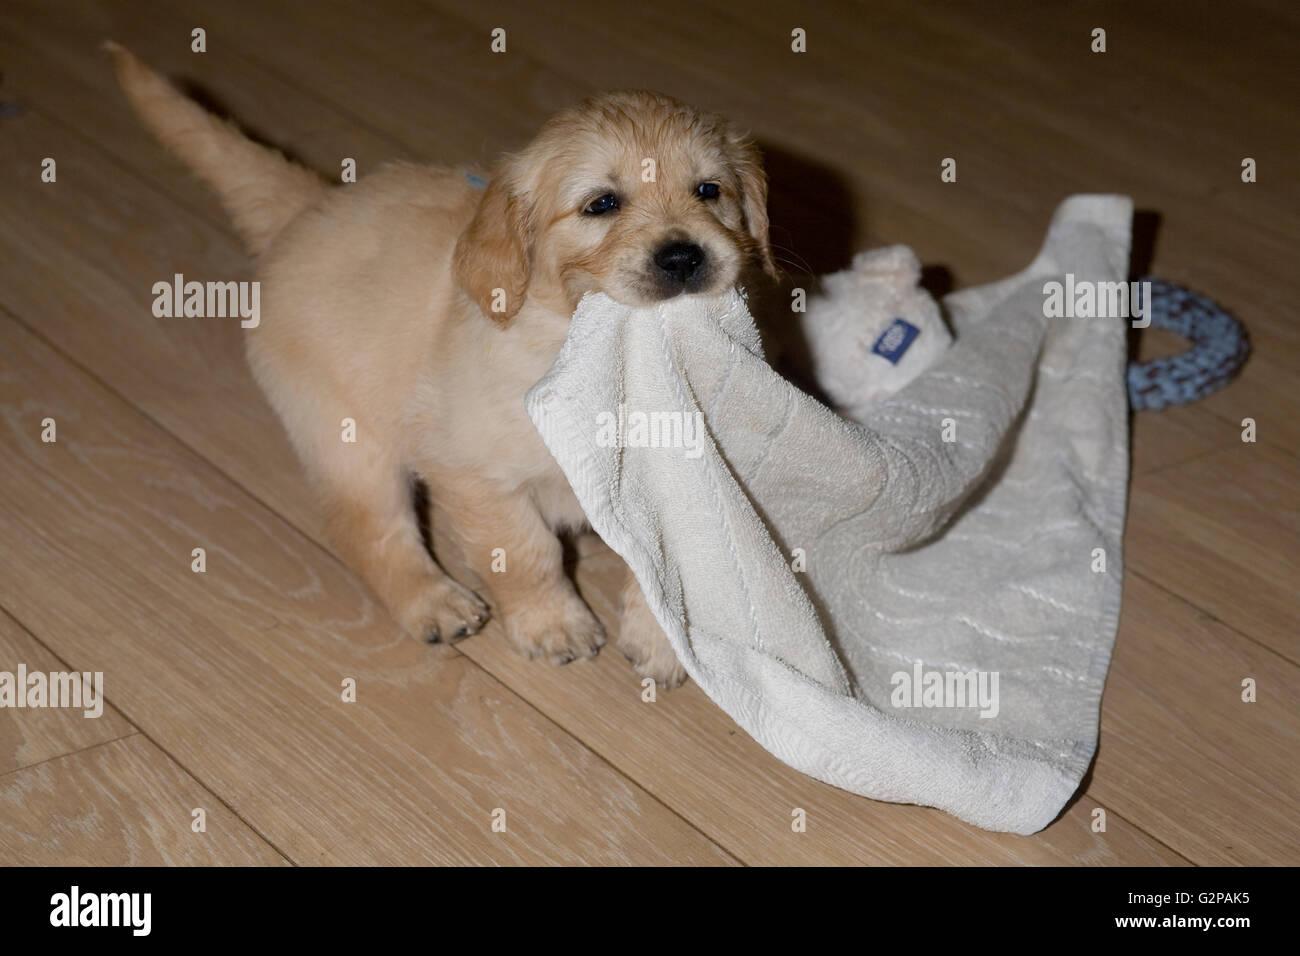 Cachorro golden retriever en piso laminado tirando una toalla Imagen De Stock